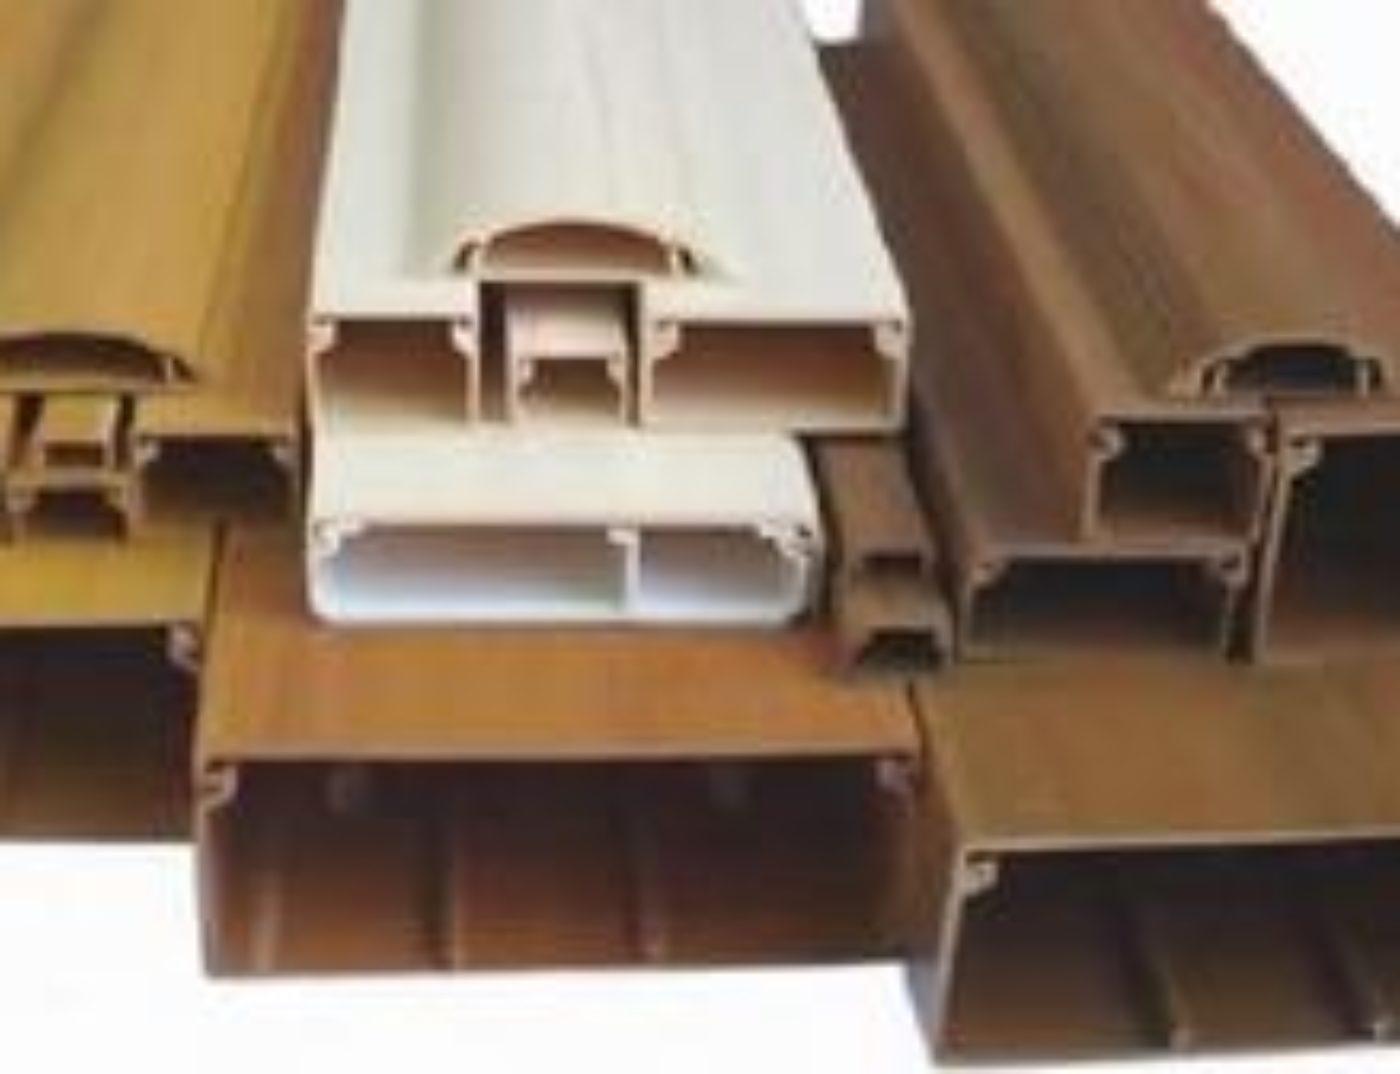 Кабель-каналы: подготовка и монтаж коробов ПВХ, как правильно подобрать размер декоративных кабель каналов